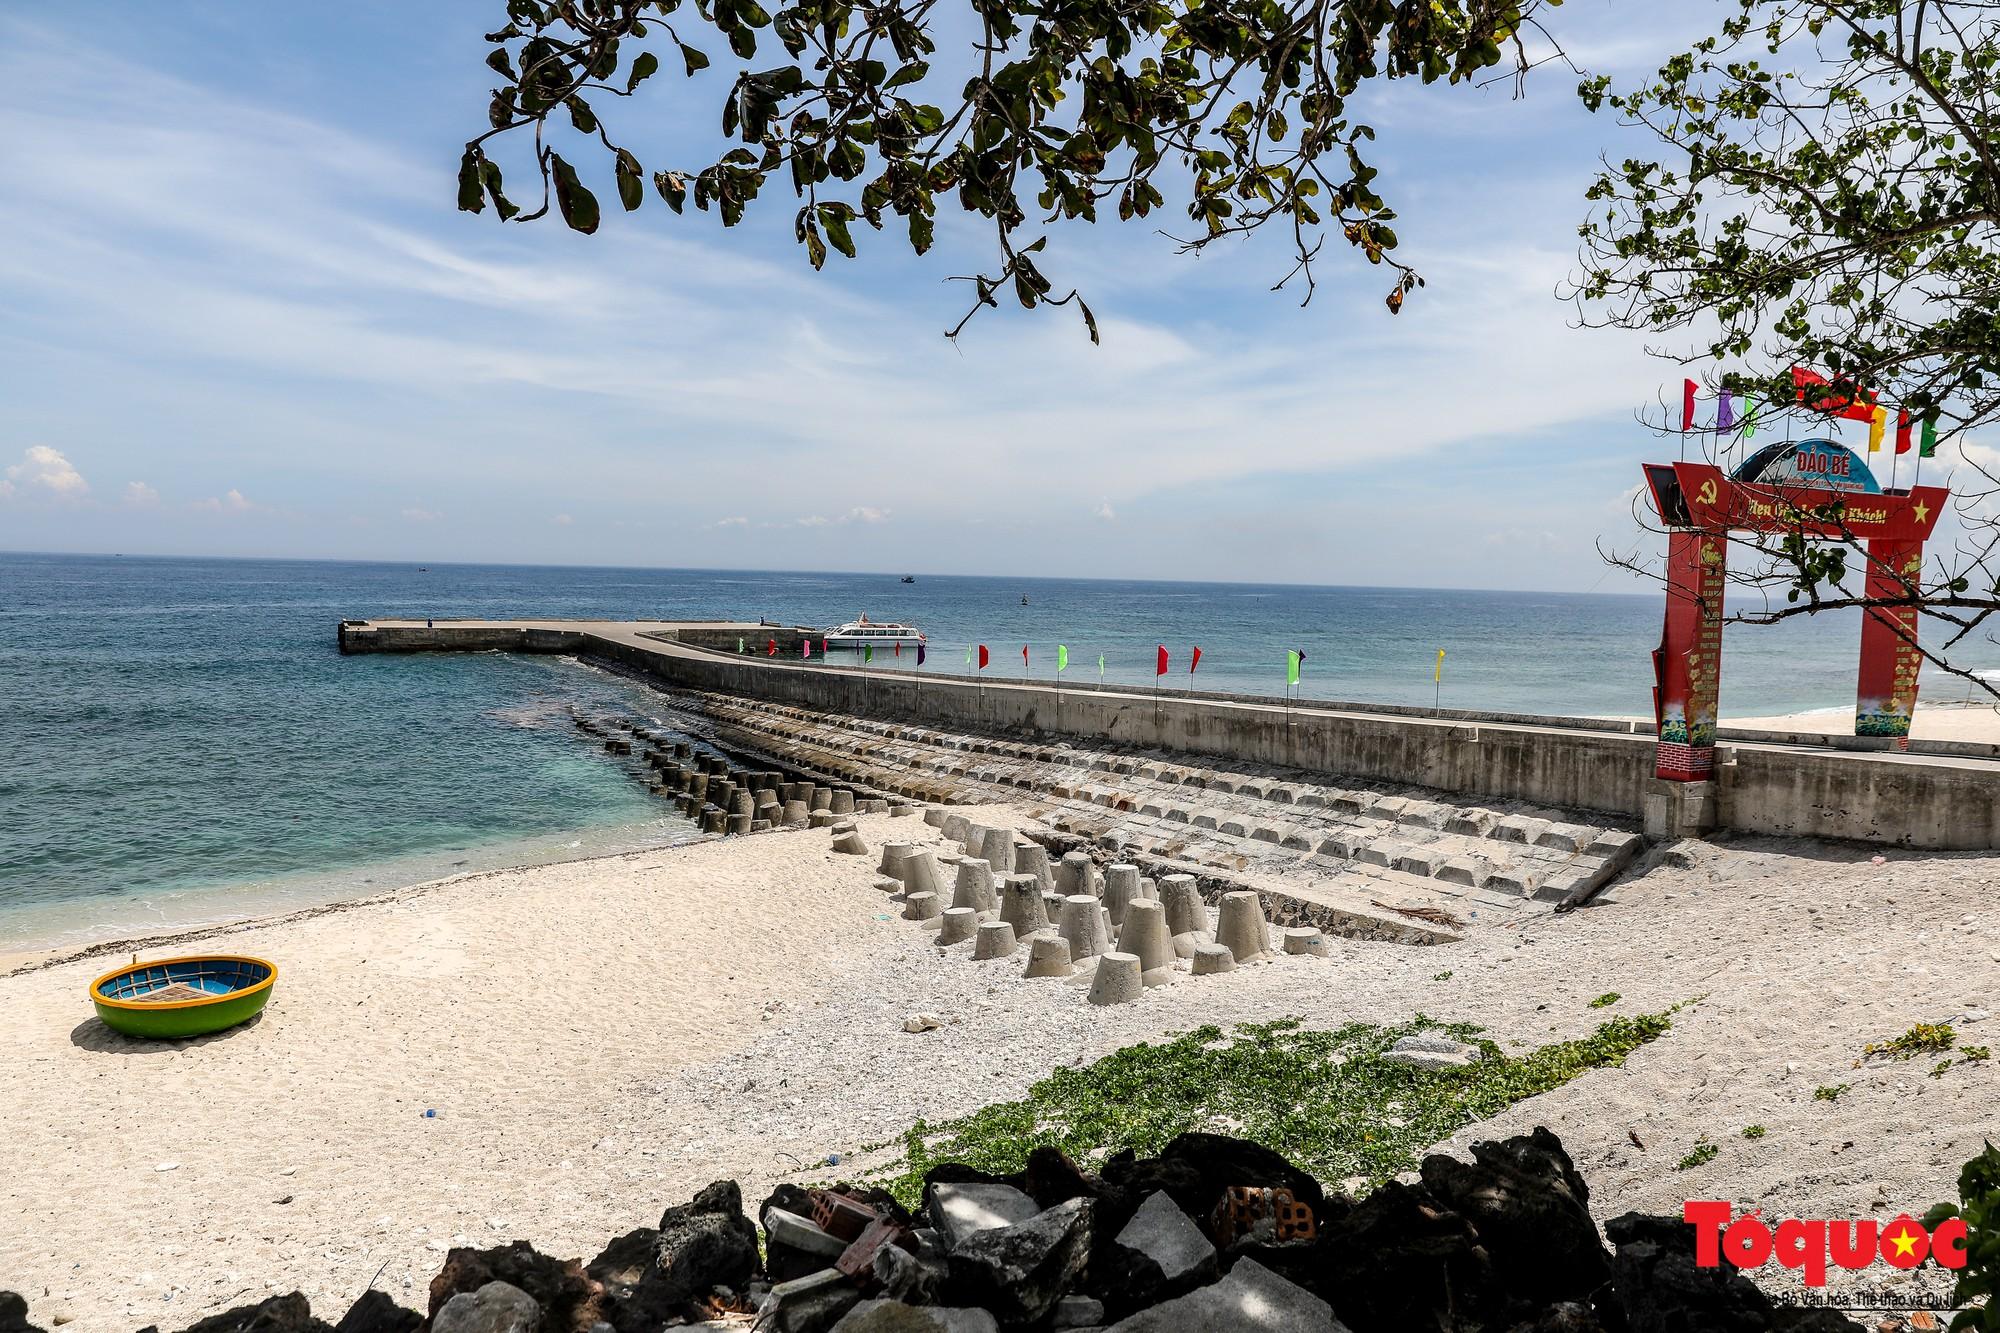 Ngỡ ngàng trước vẻ đẹp hoang sơ như thiên đường nhỏ của Đảo Bé, Lý Sơn - Ảnh 1.